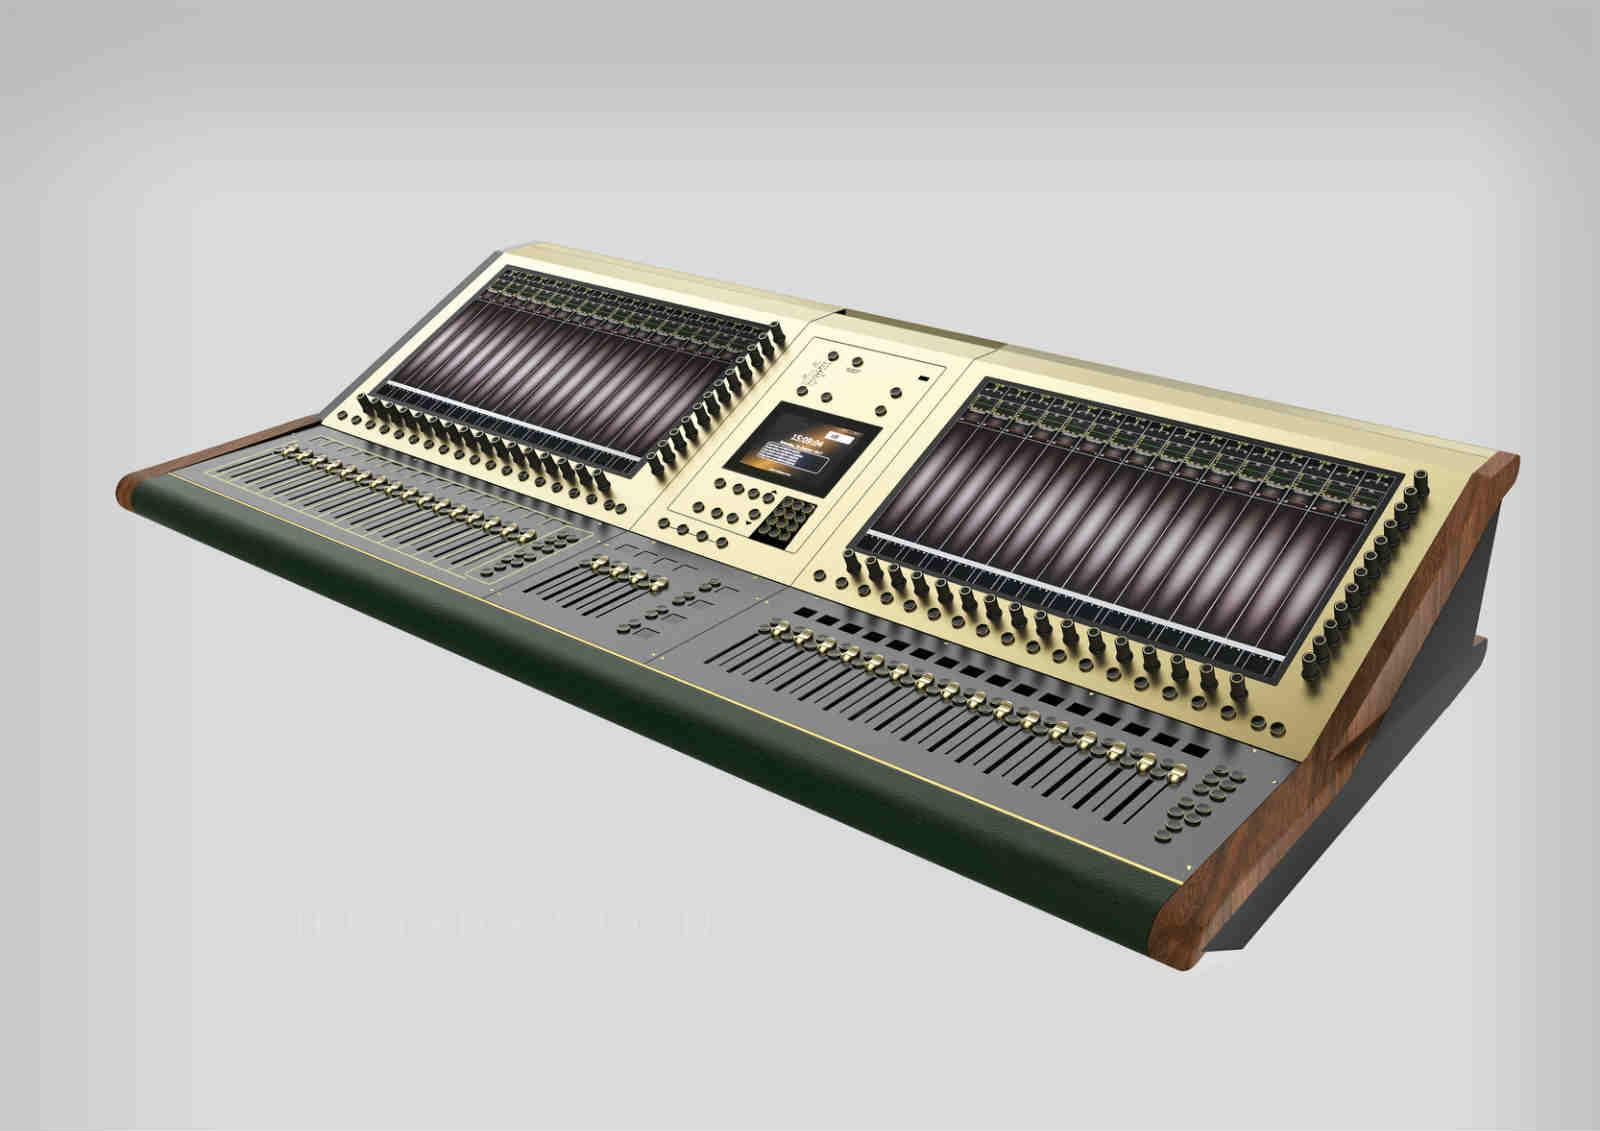 宁波产品造型设计公司-宁波麦克风设计就来黑蚁工业设计